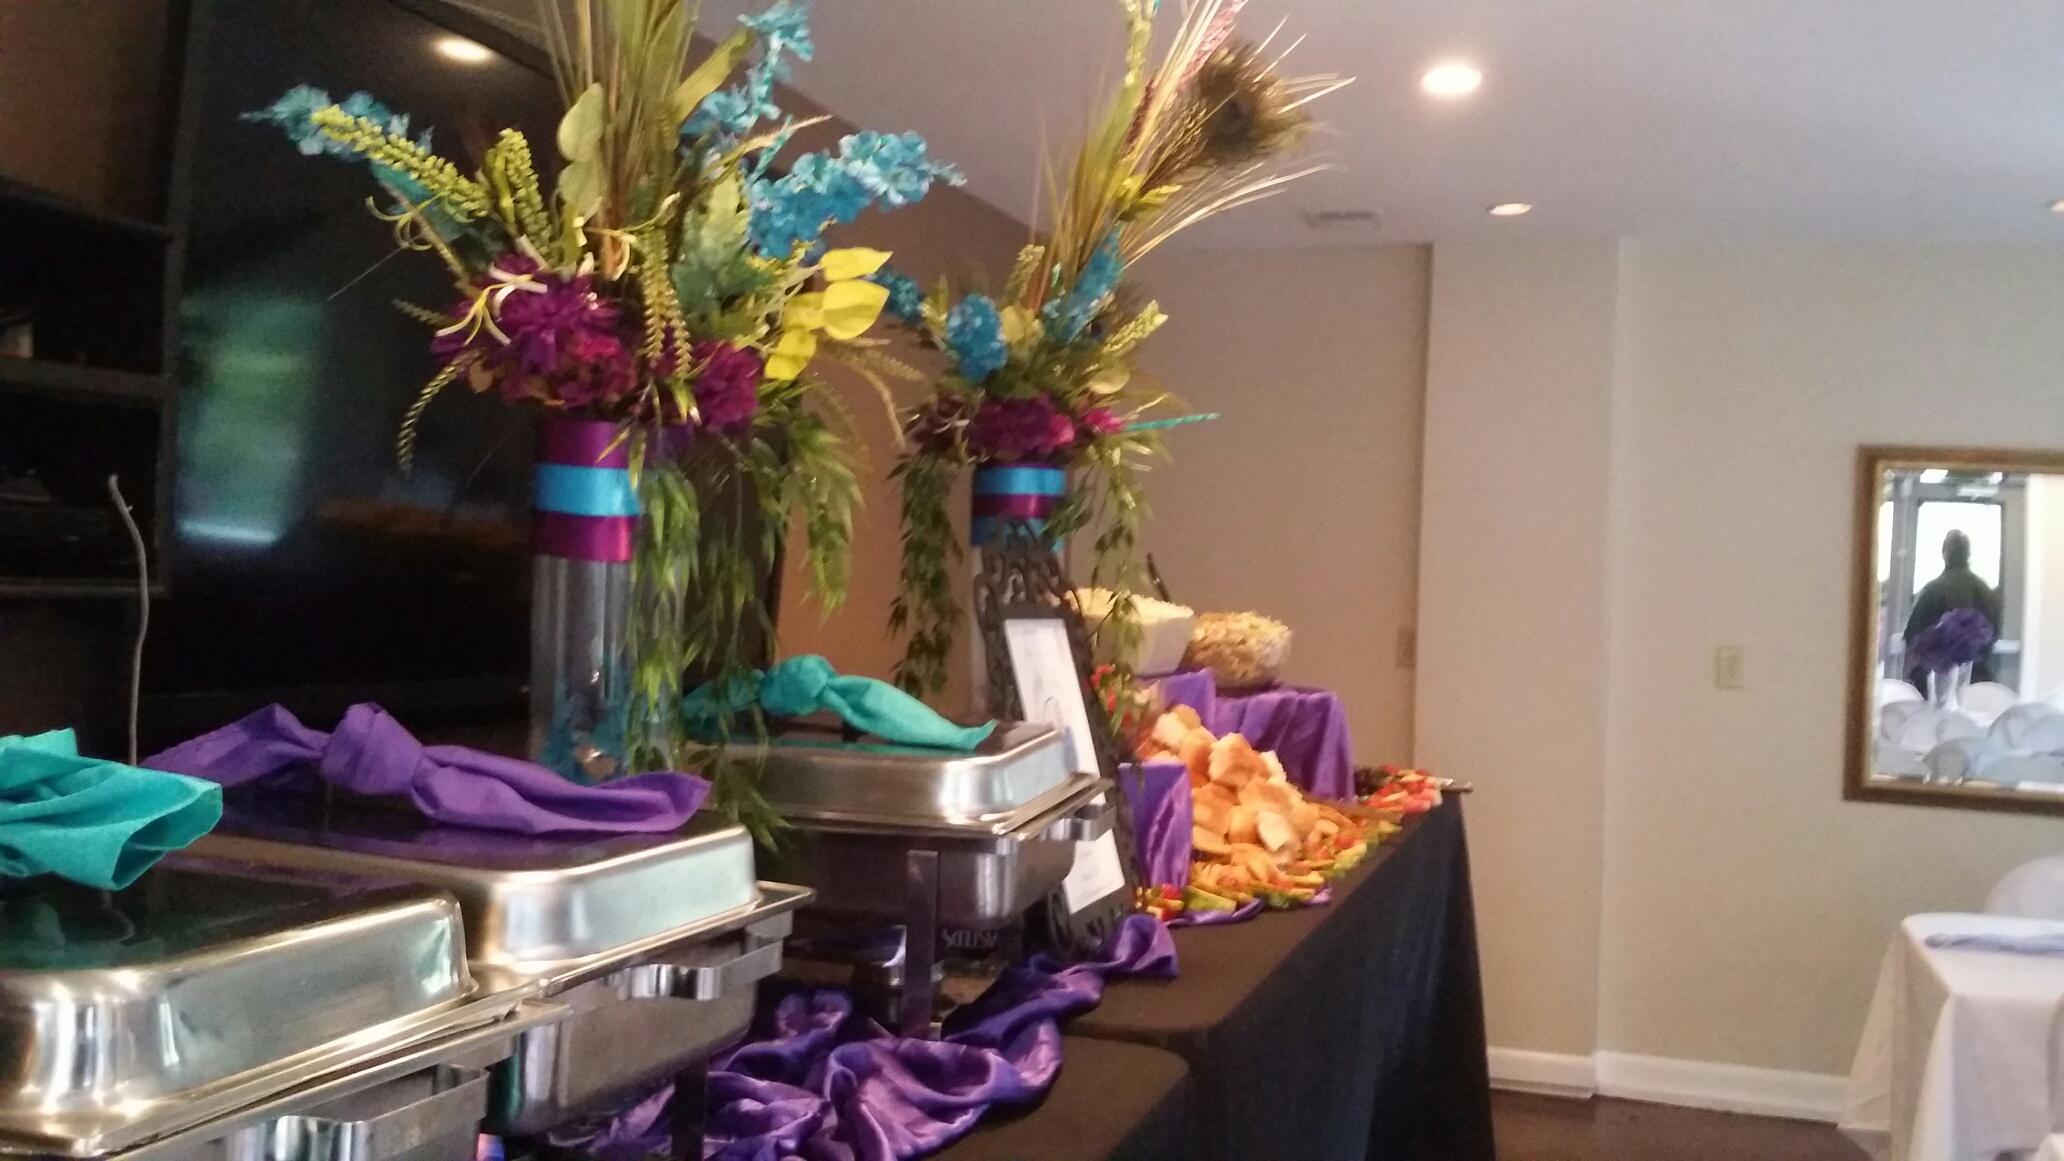 Peacock buffet setting